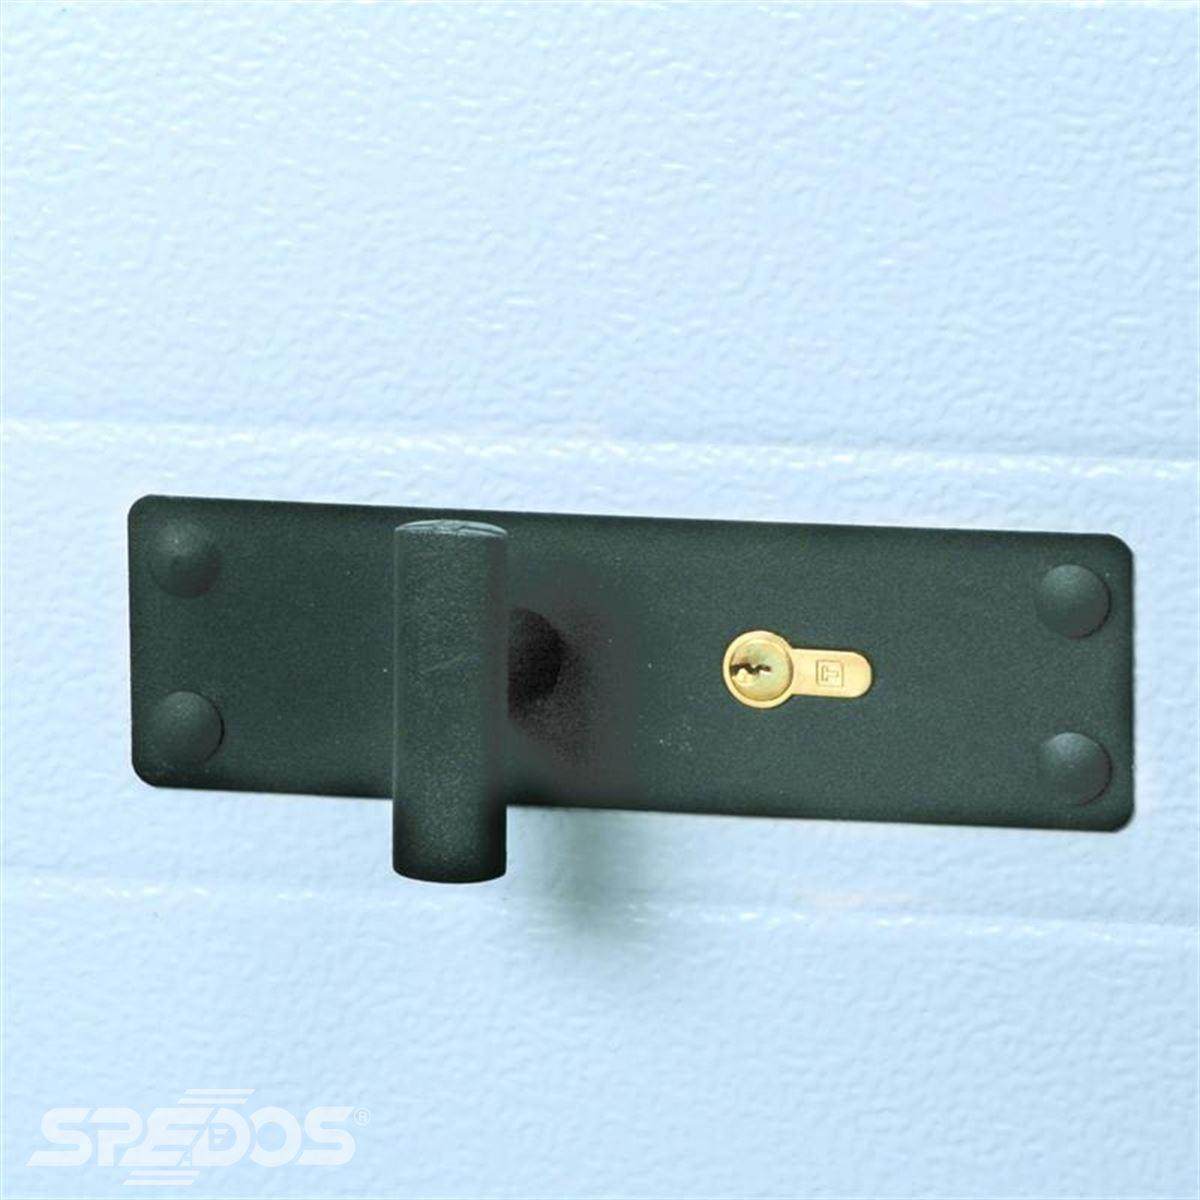 bezpečnostní vratové zámky od Spedosu